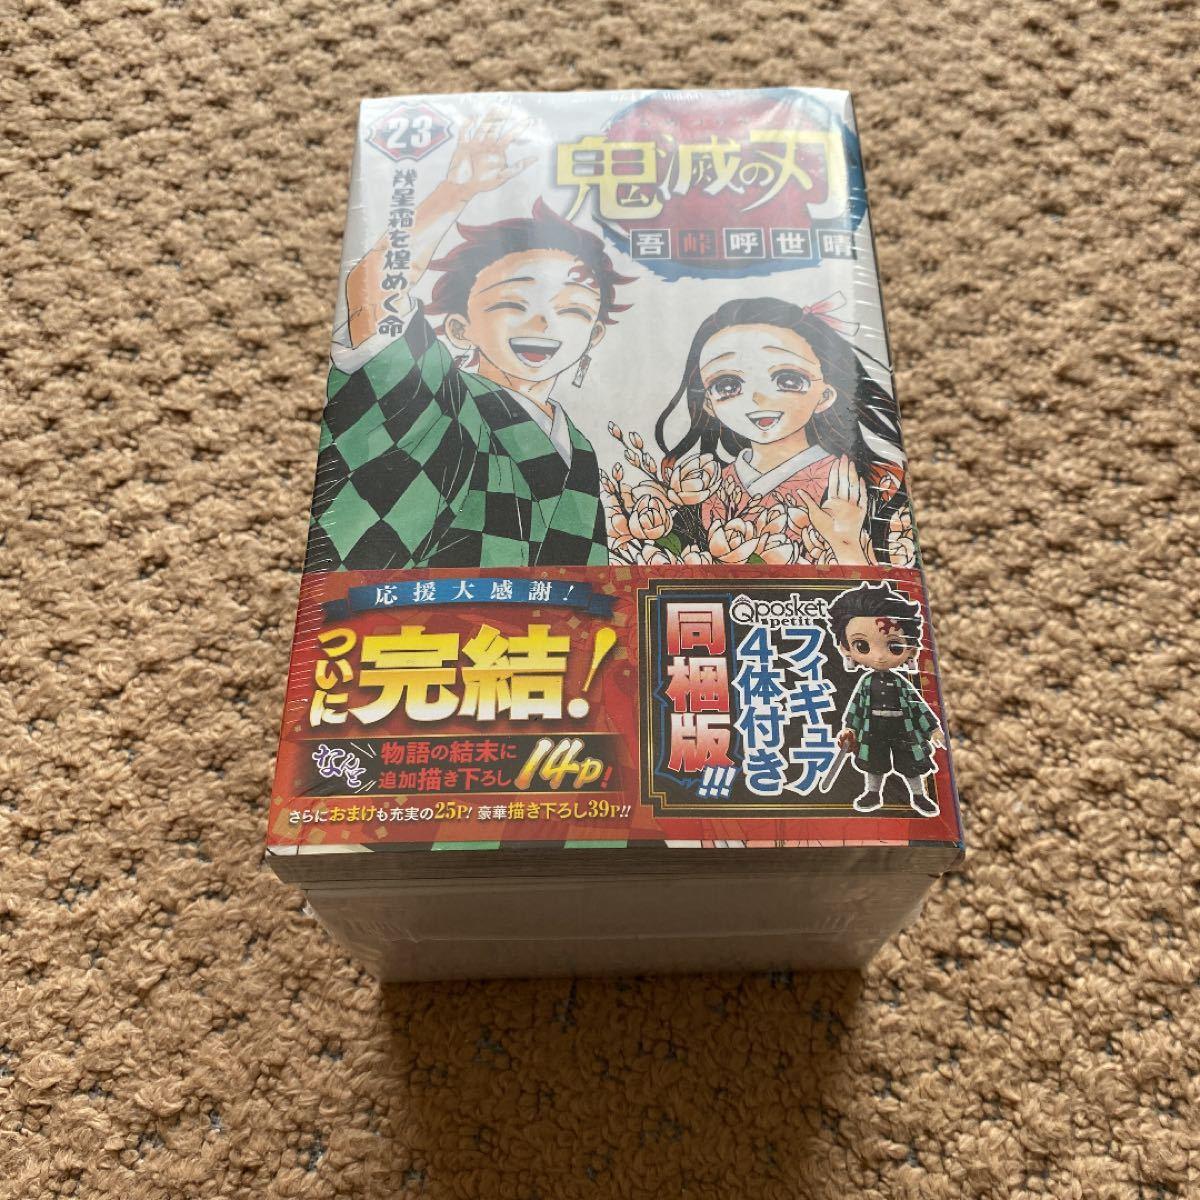 鬼滅の刃 23巻 フィギュア付き同梱版